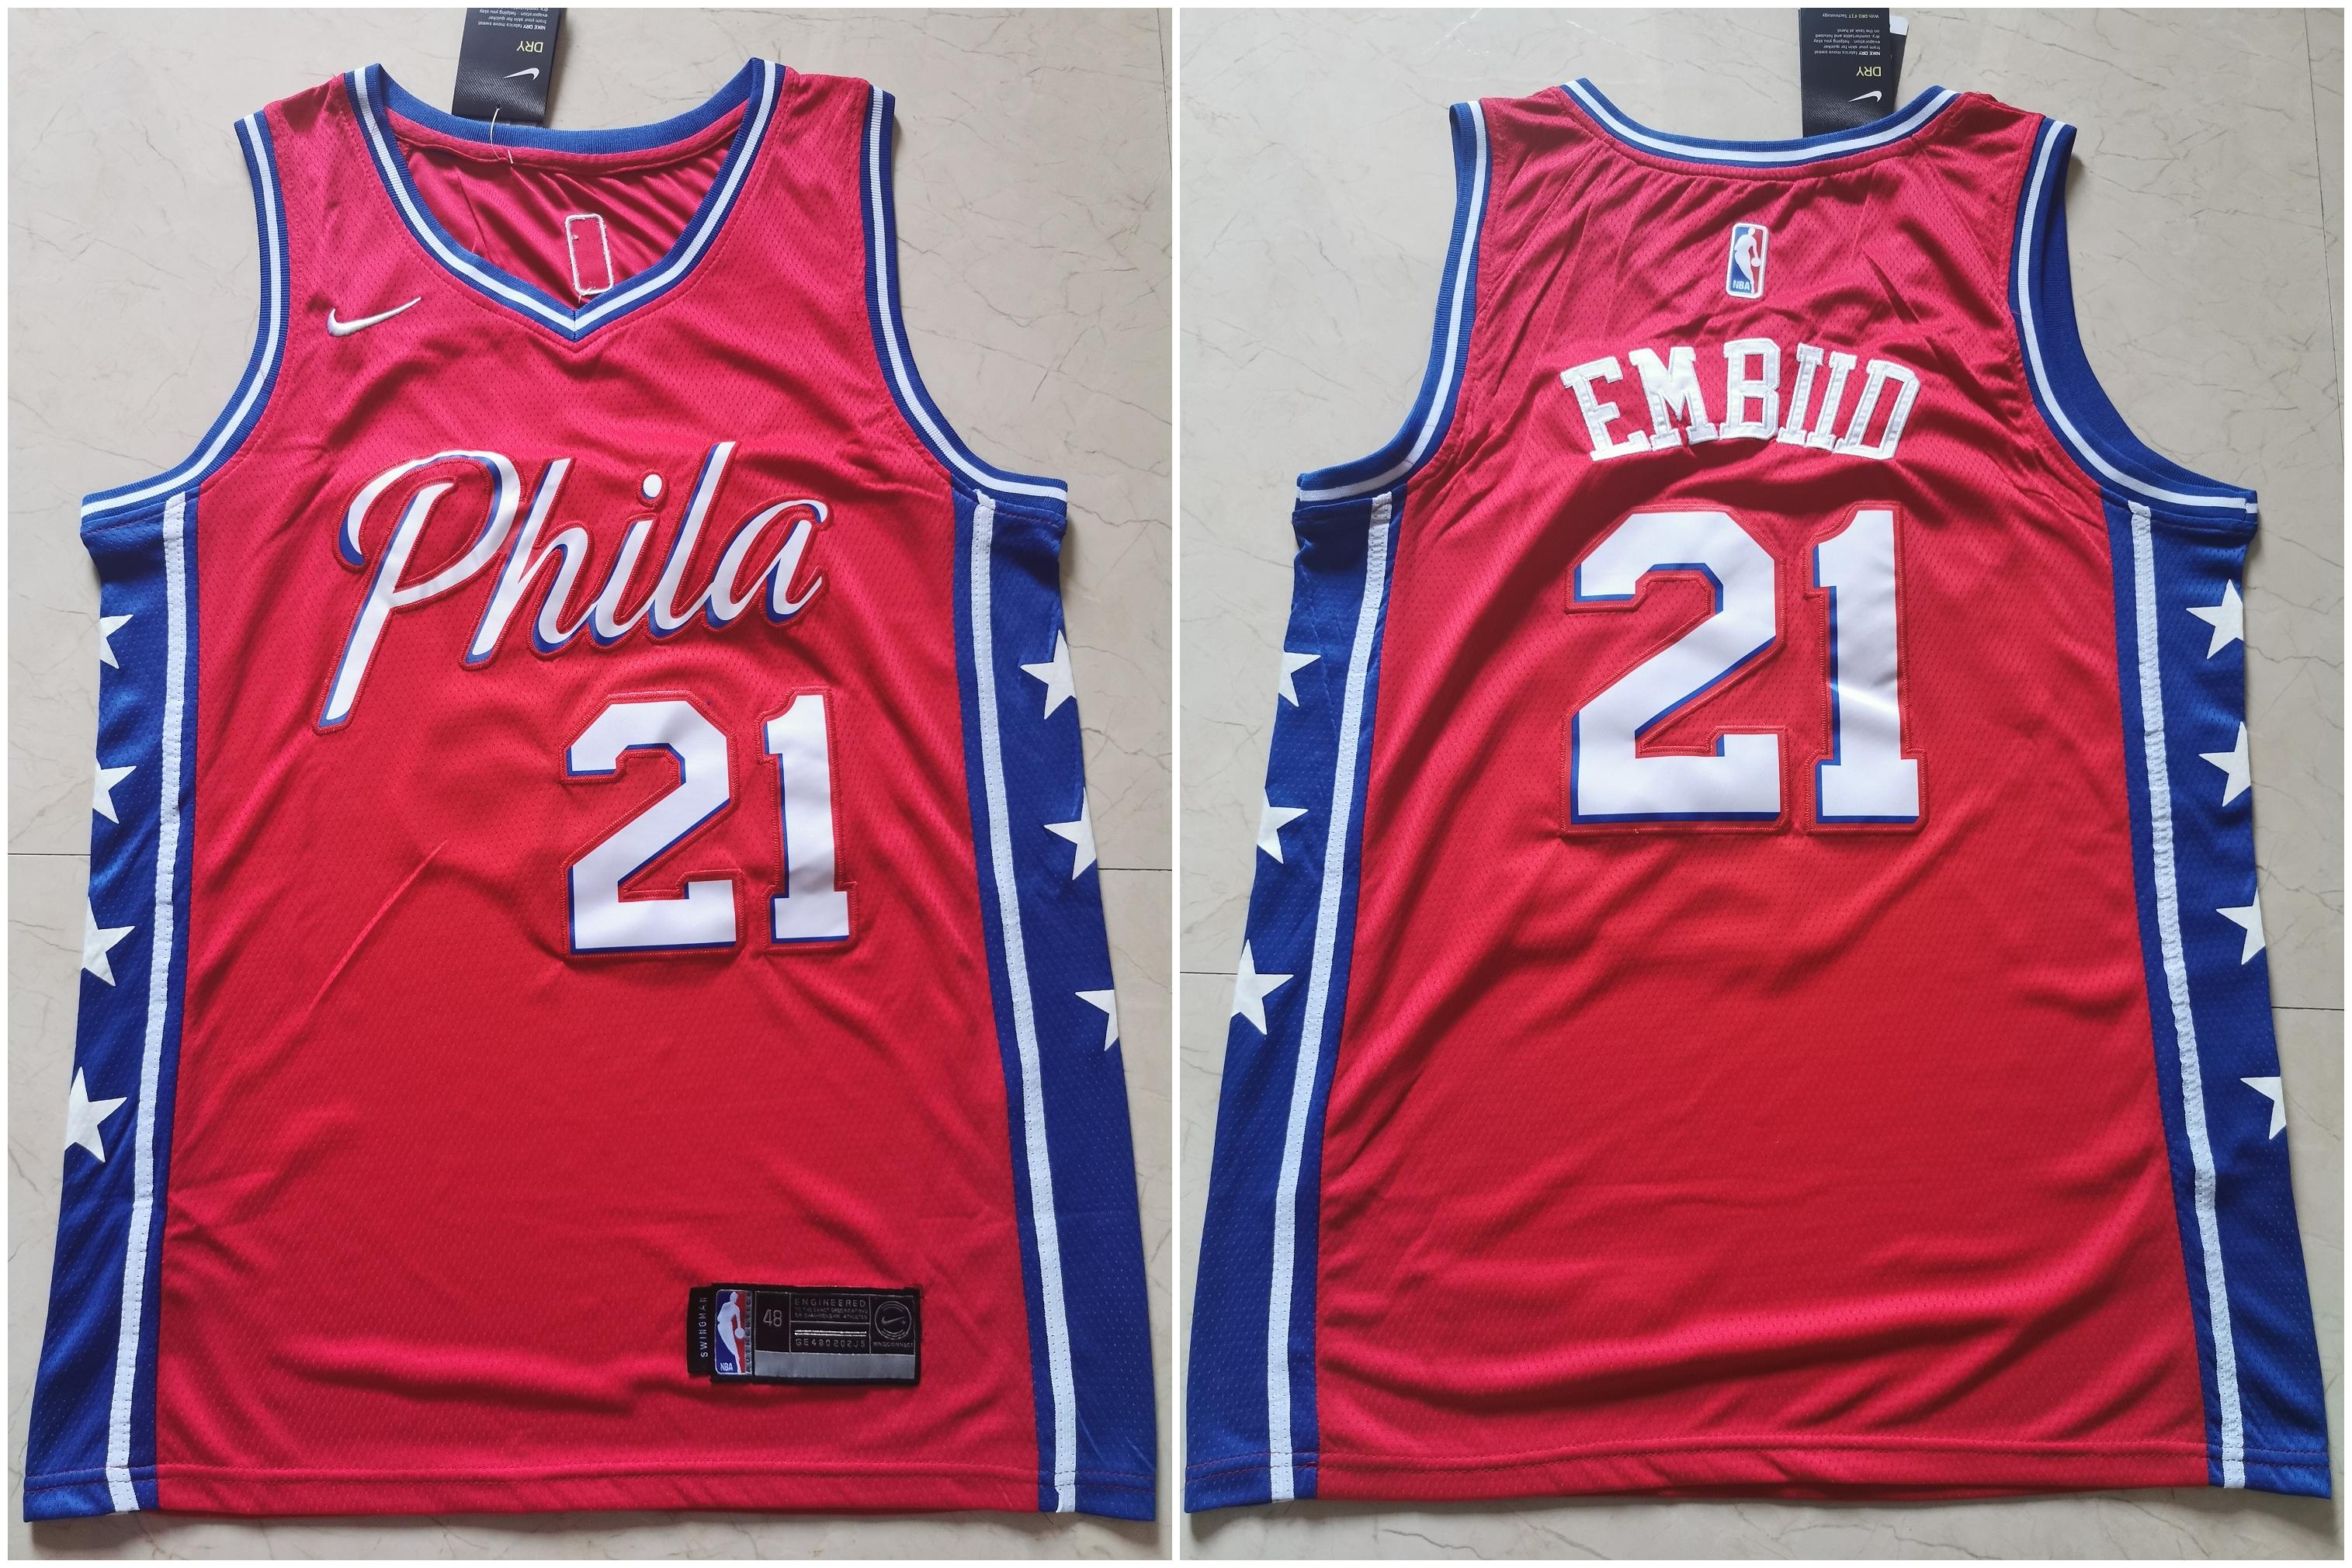 76ers 21 Joel Embiid Red Nike Swingman Jersey